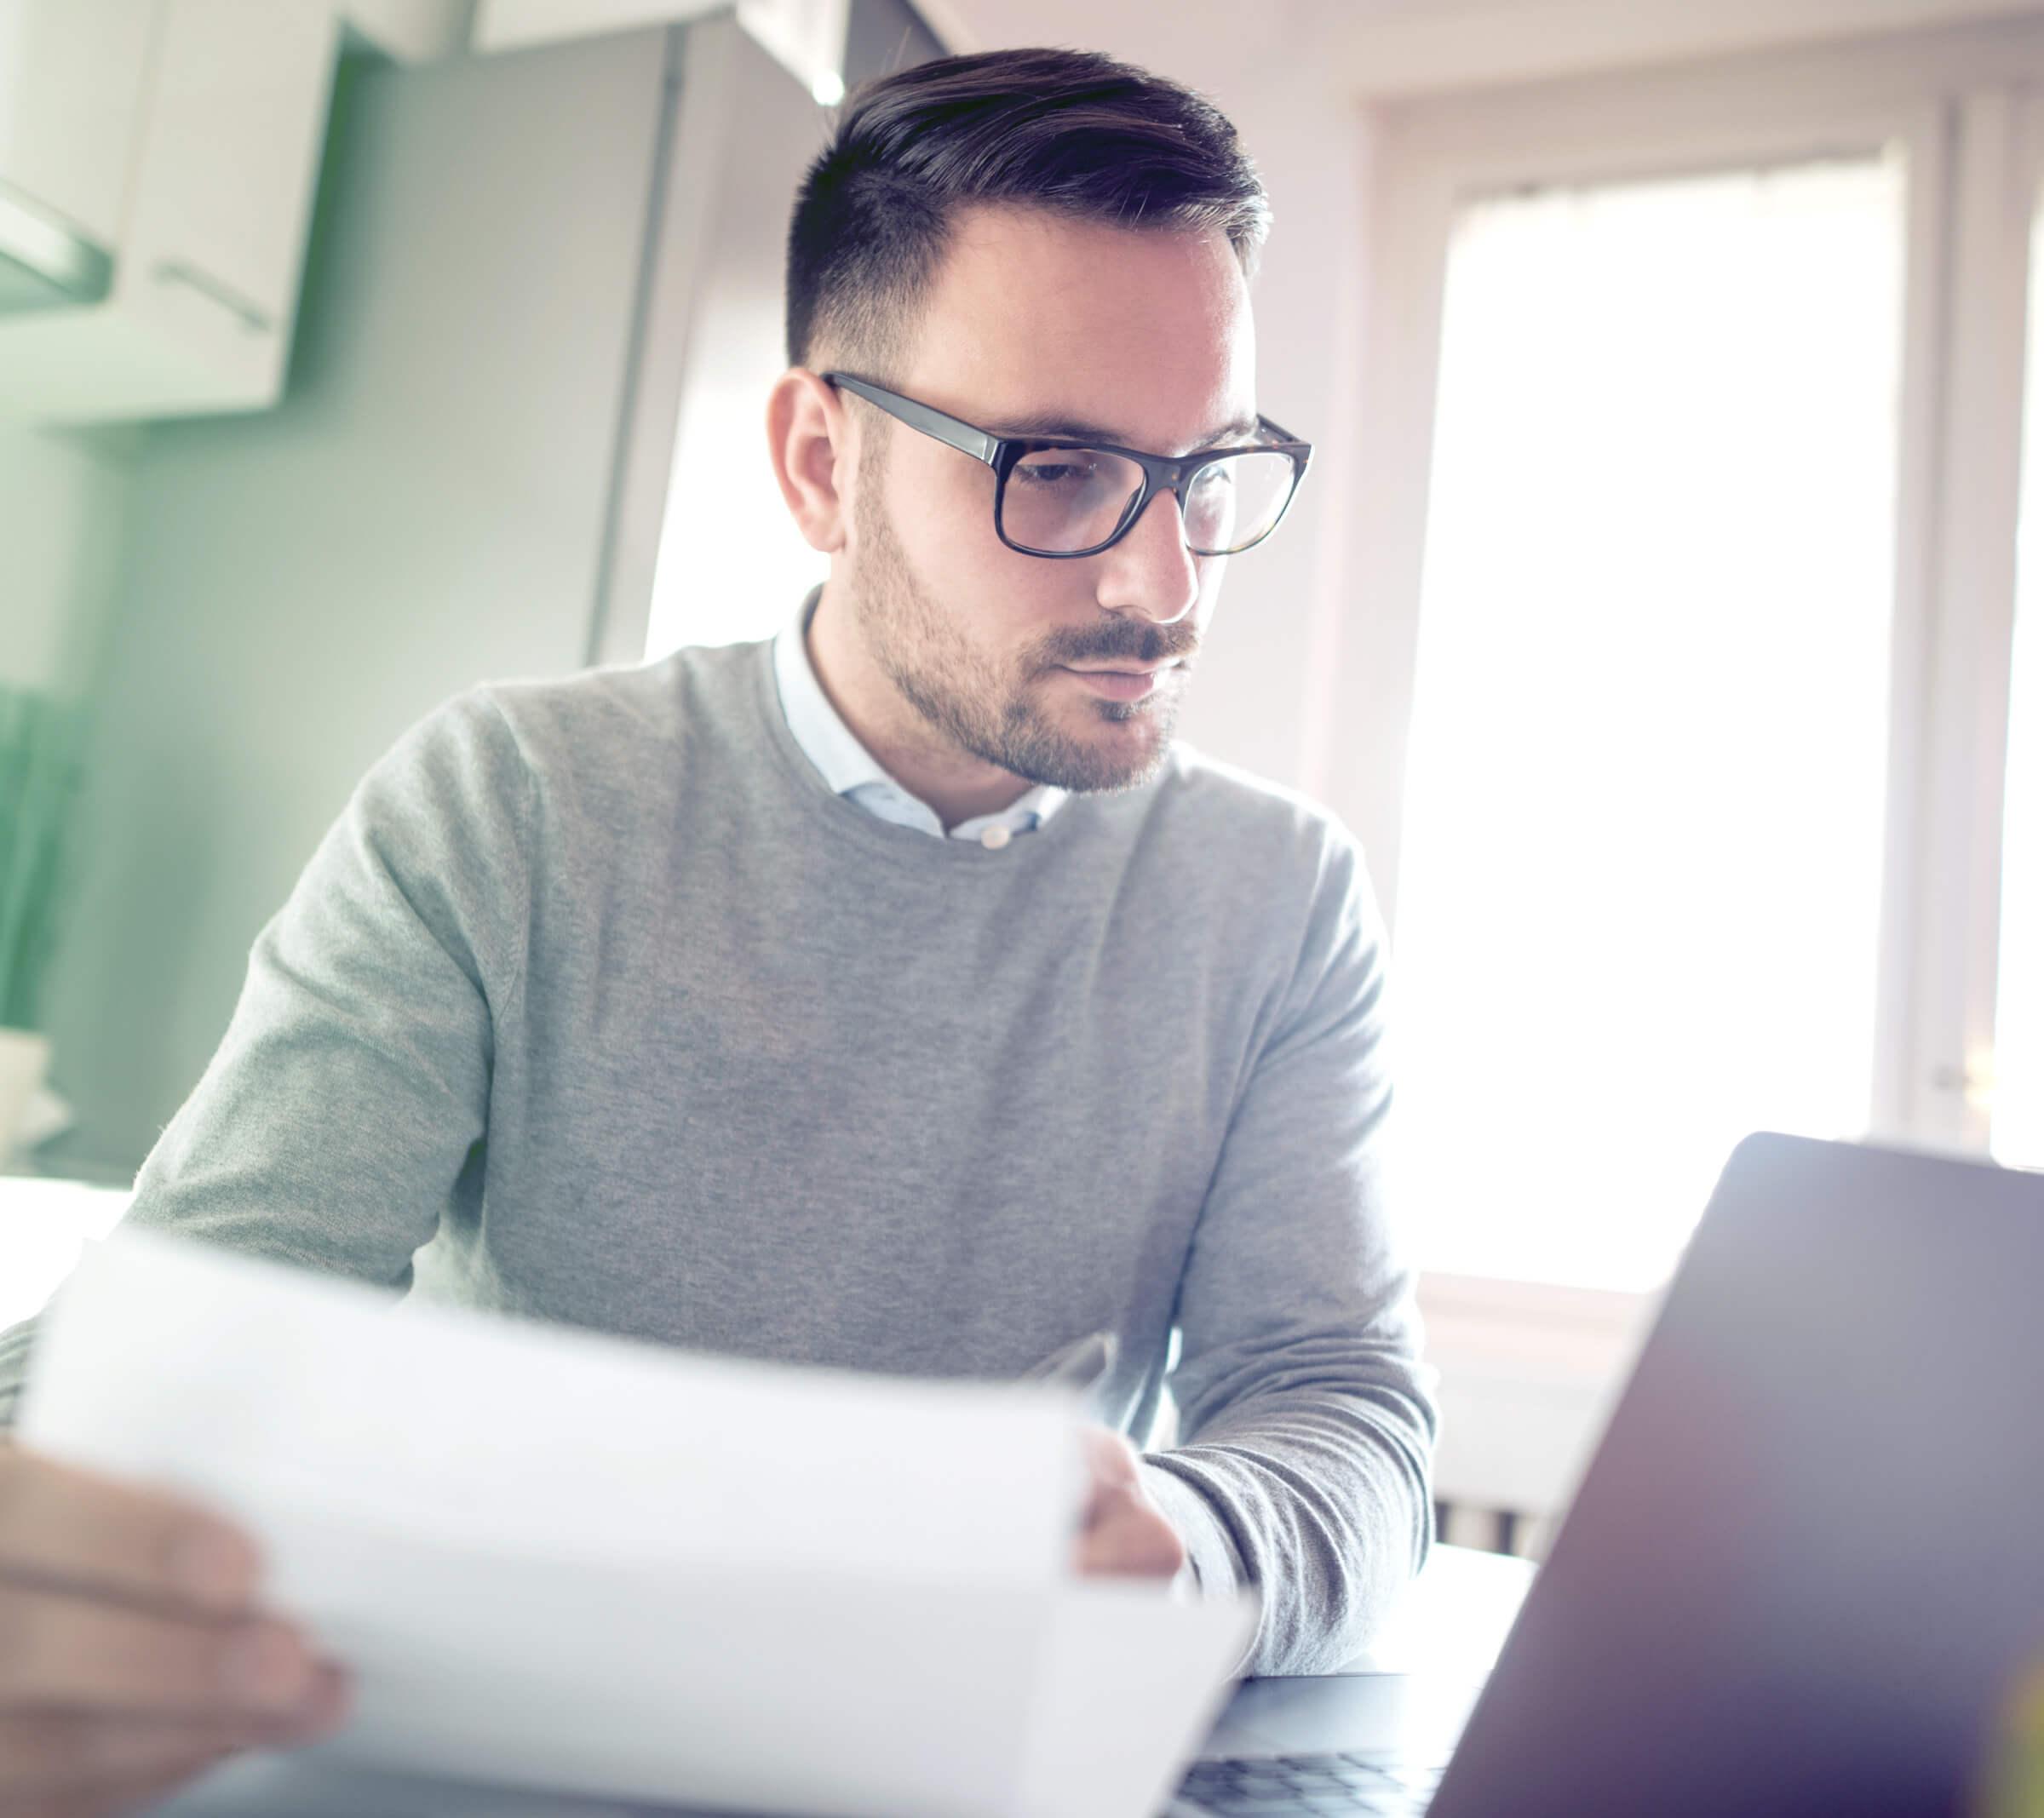 Investor u laptopu zaujatý nízkými poplatky u online brokera LYNX